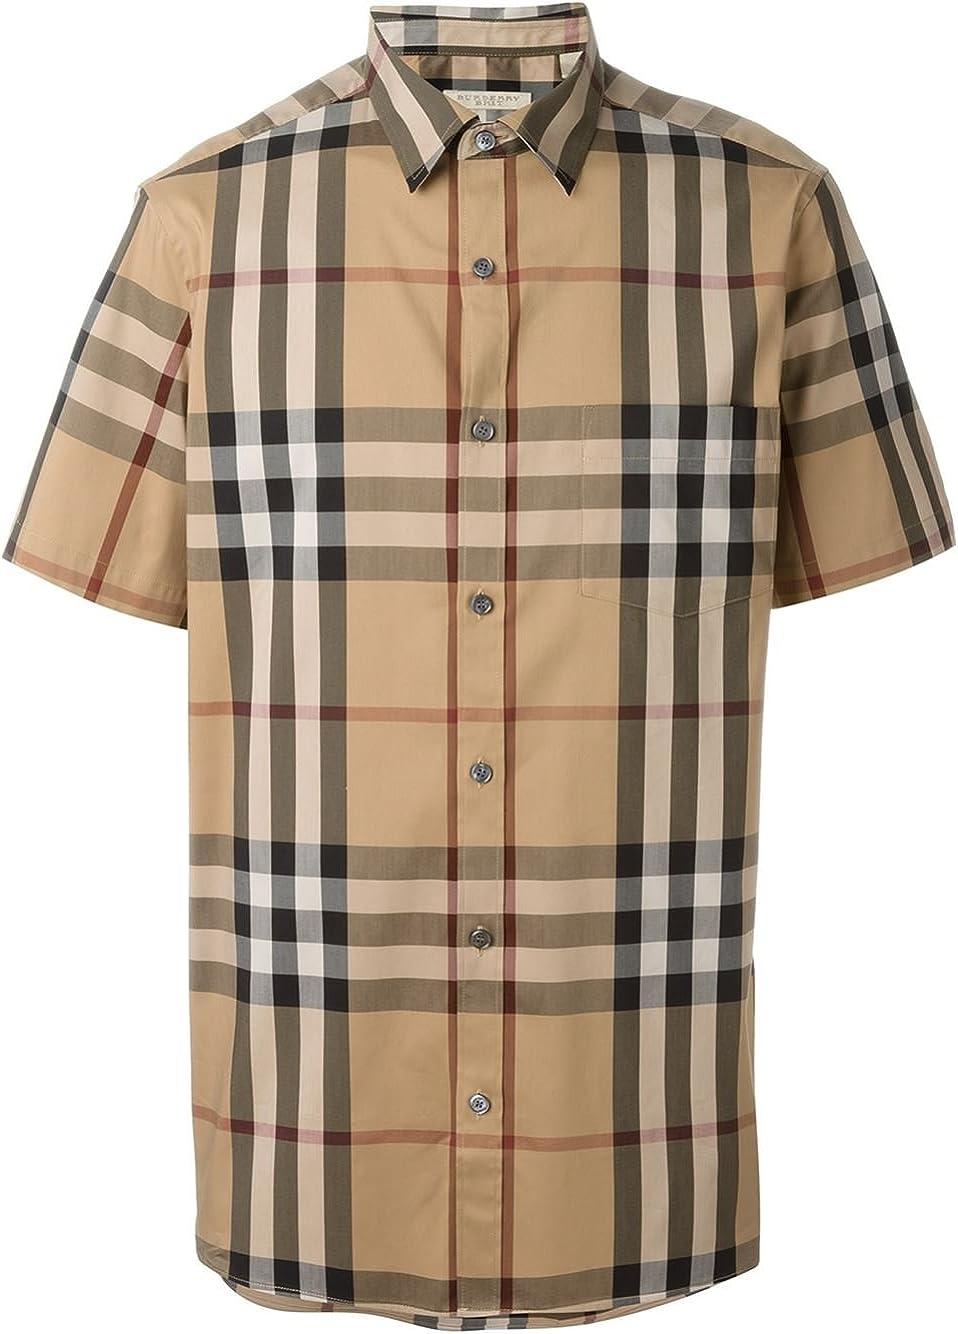 Burberry Brit Nelson Camel - Camisa de Cuadros para Hombre (Talla M): Amazon.es: Ropa y accesorios